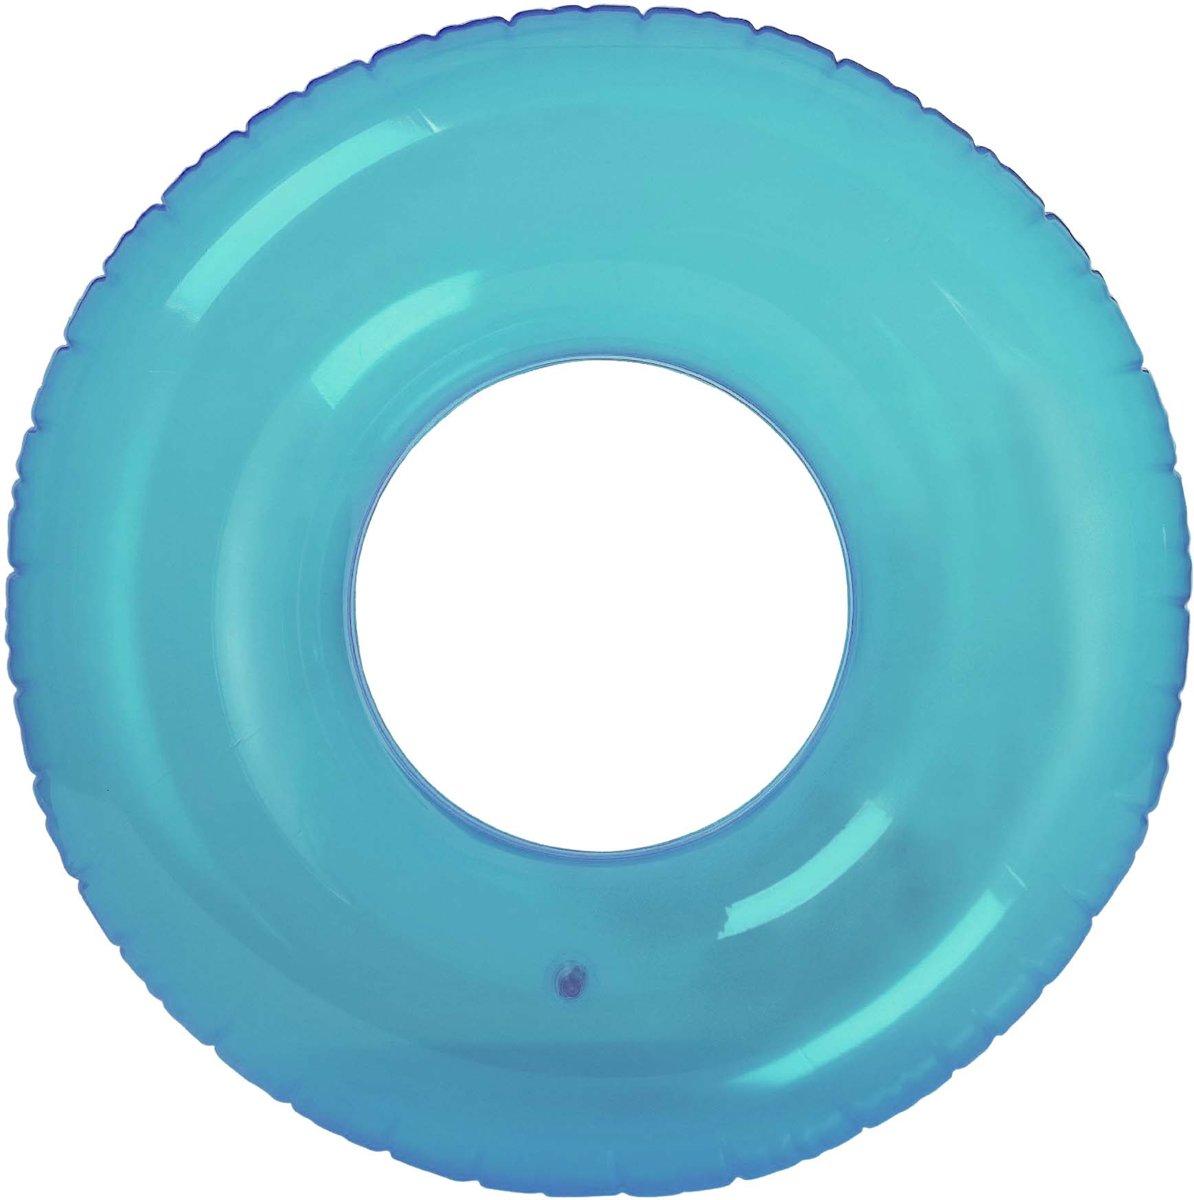 Zwemband Intex - Blauw - 76 cm